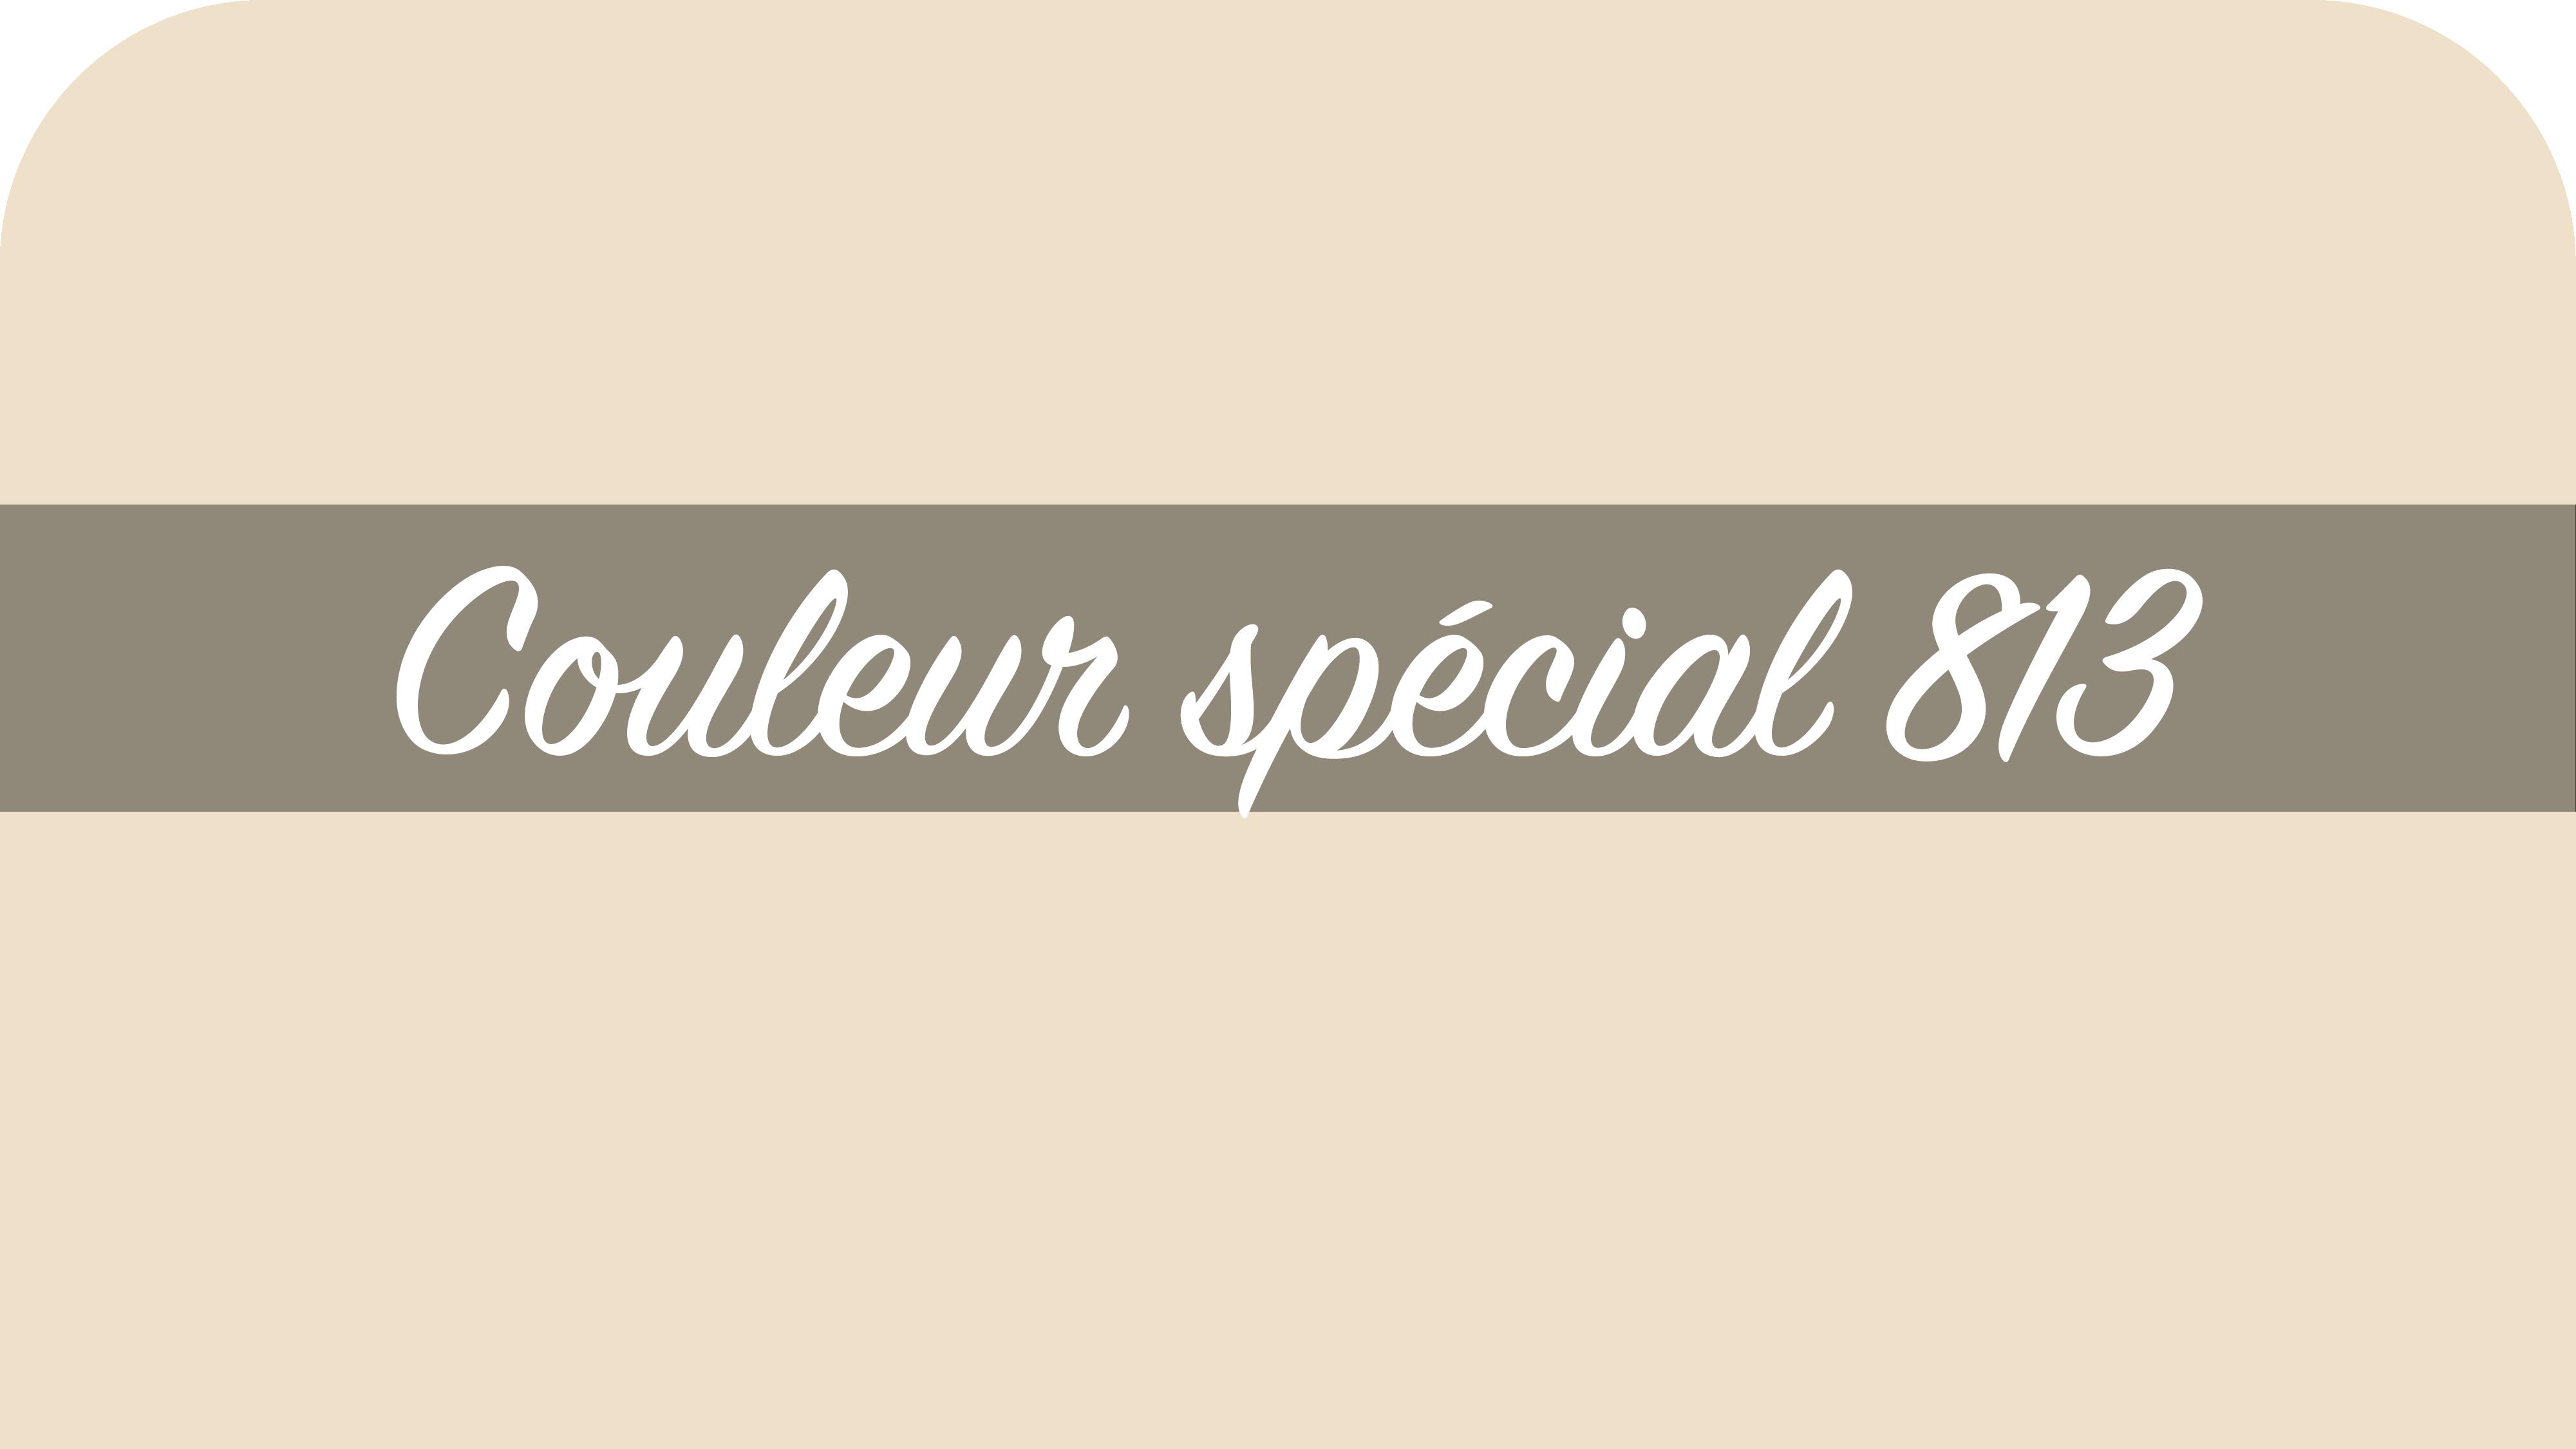 couleur-special-813